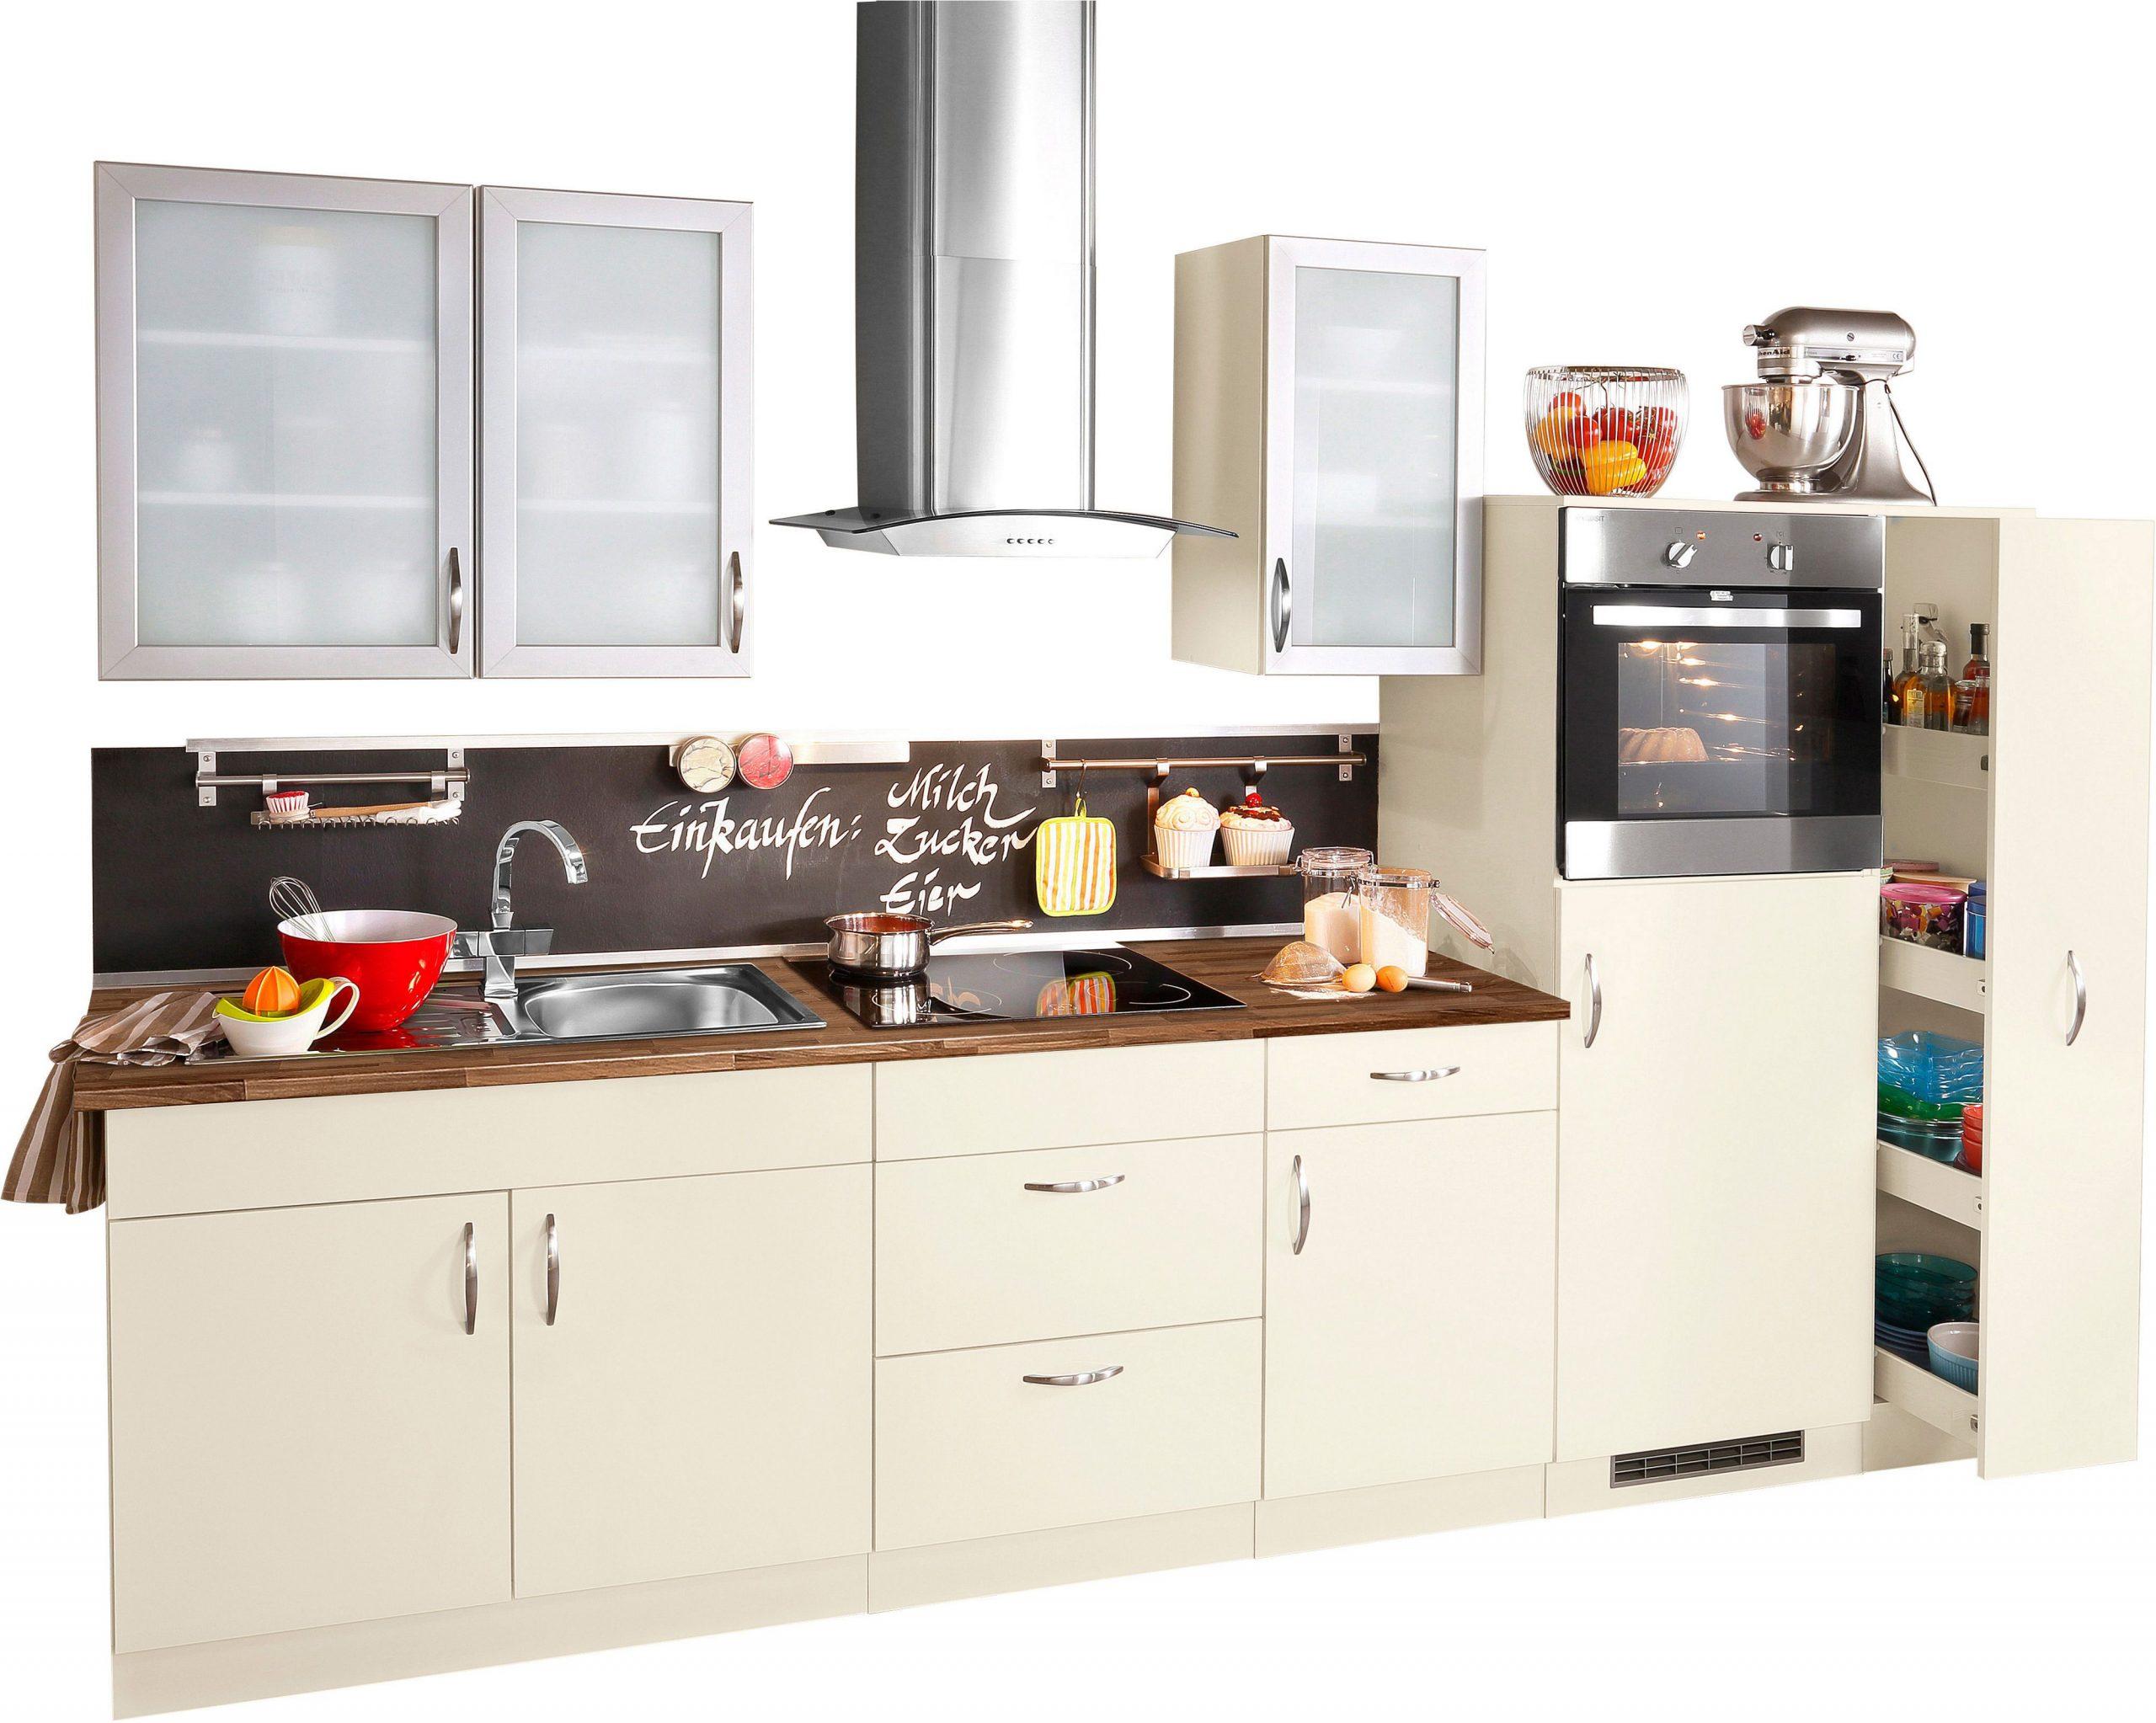 Full Size of Einbauküche Mit Elektrogeräten Obi Einbauküche Elektrogeräte Set Einbauküche Mit Elektrogeräten Kaufen Einbauküchen Mit Elektrogeräten Ohne Kühlschrank Küche Einbauküche Mit Elektrogeräten